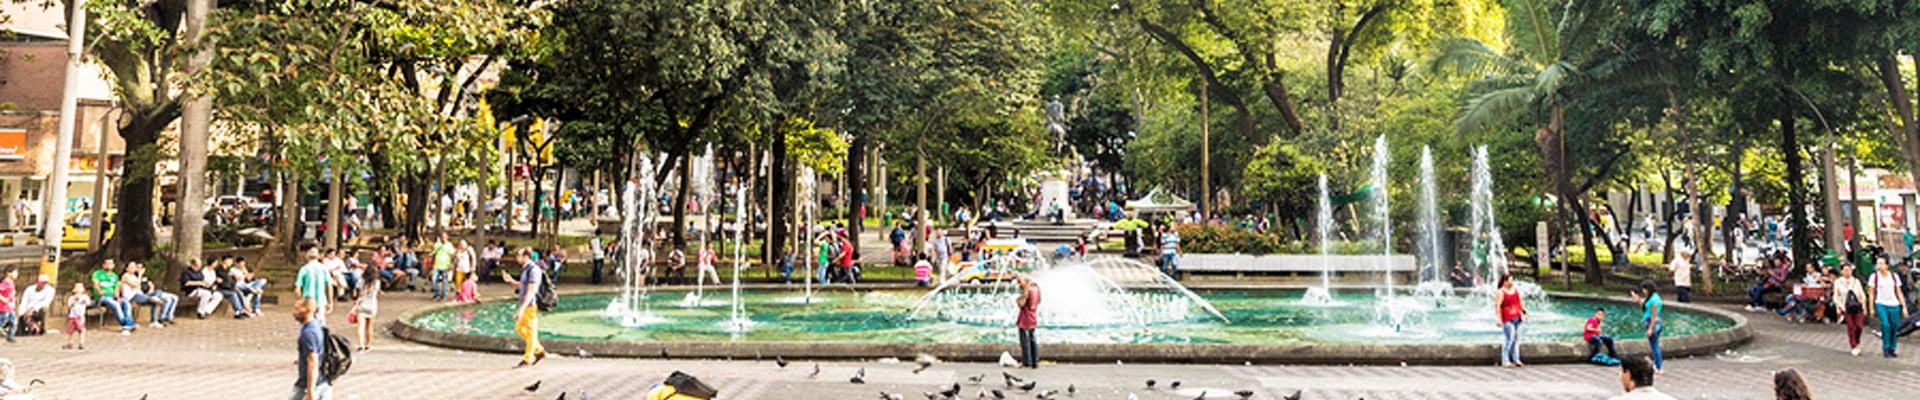 Plaza Bolivar in Medellin